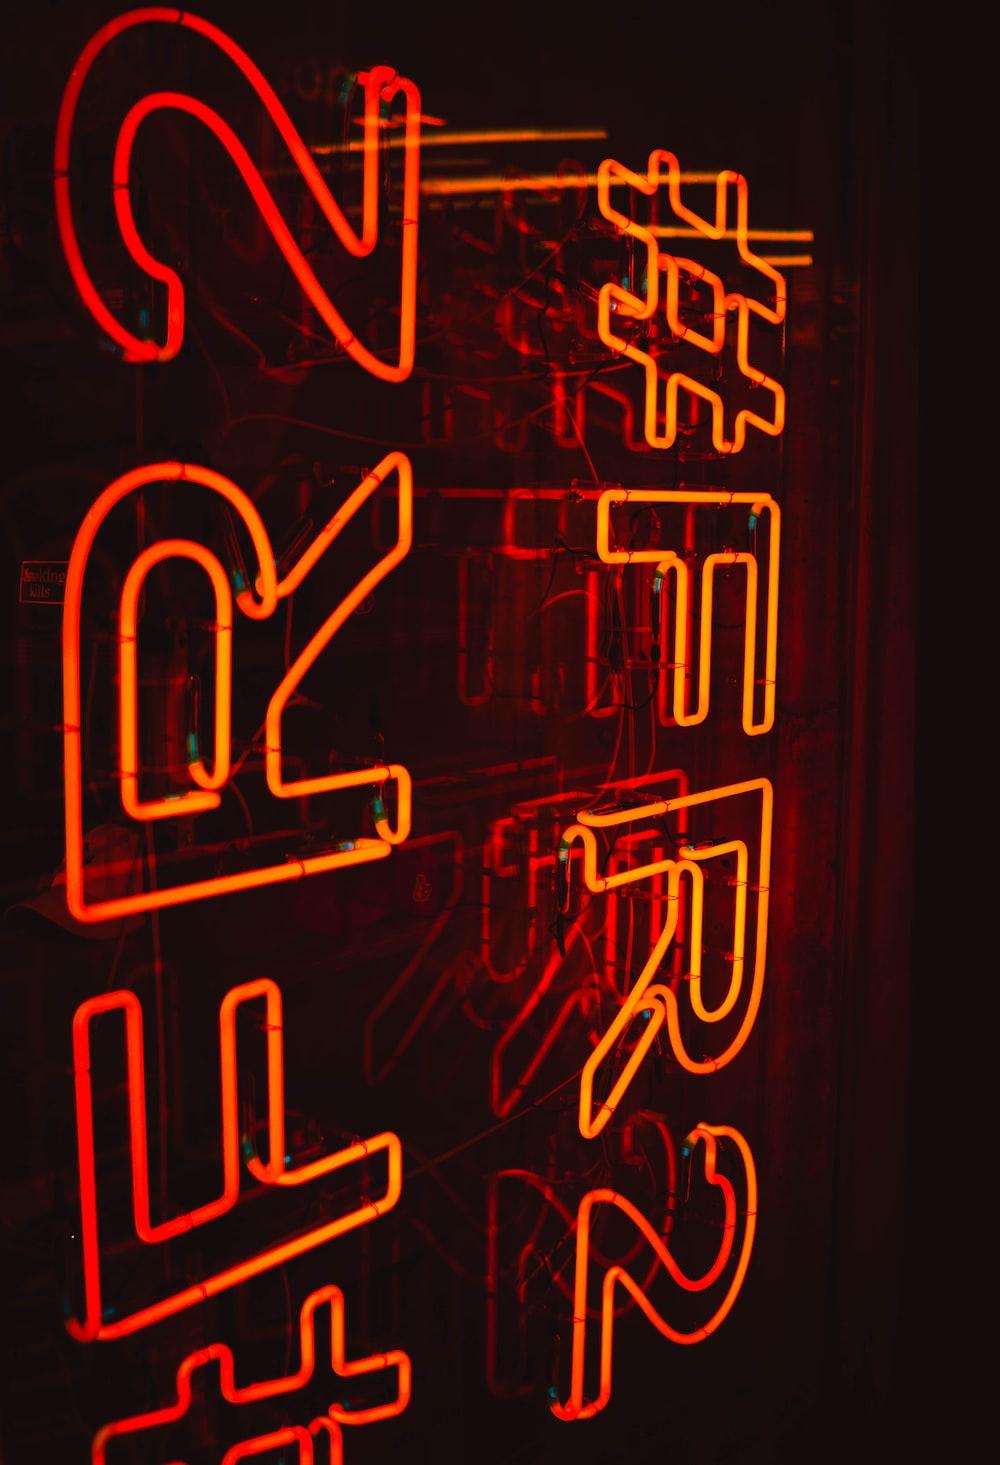 #FR2 orange neon sign